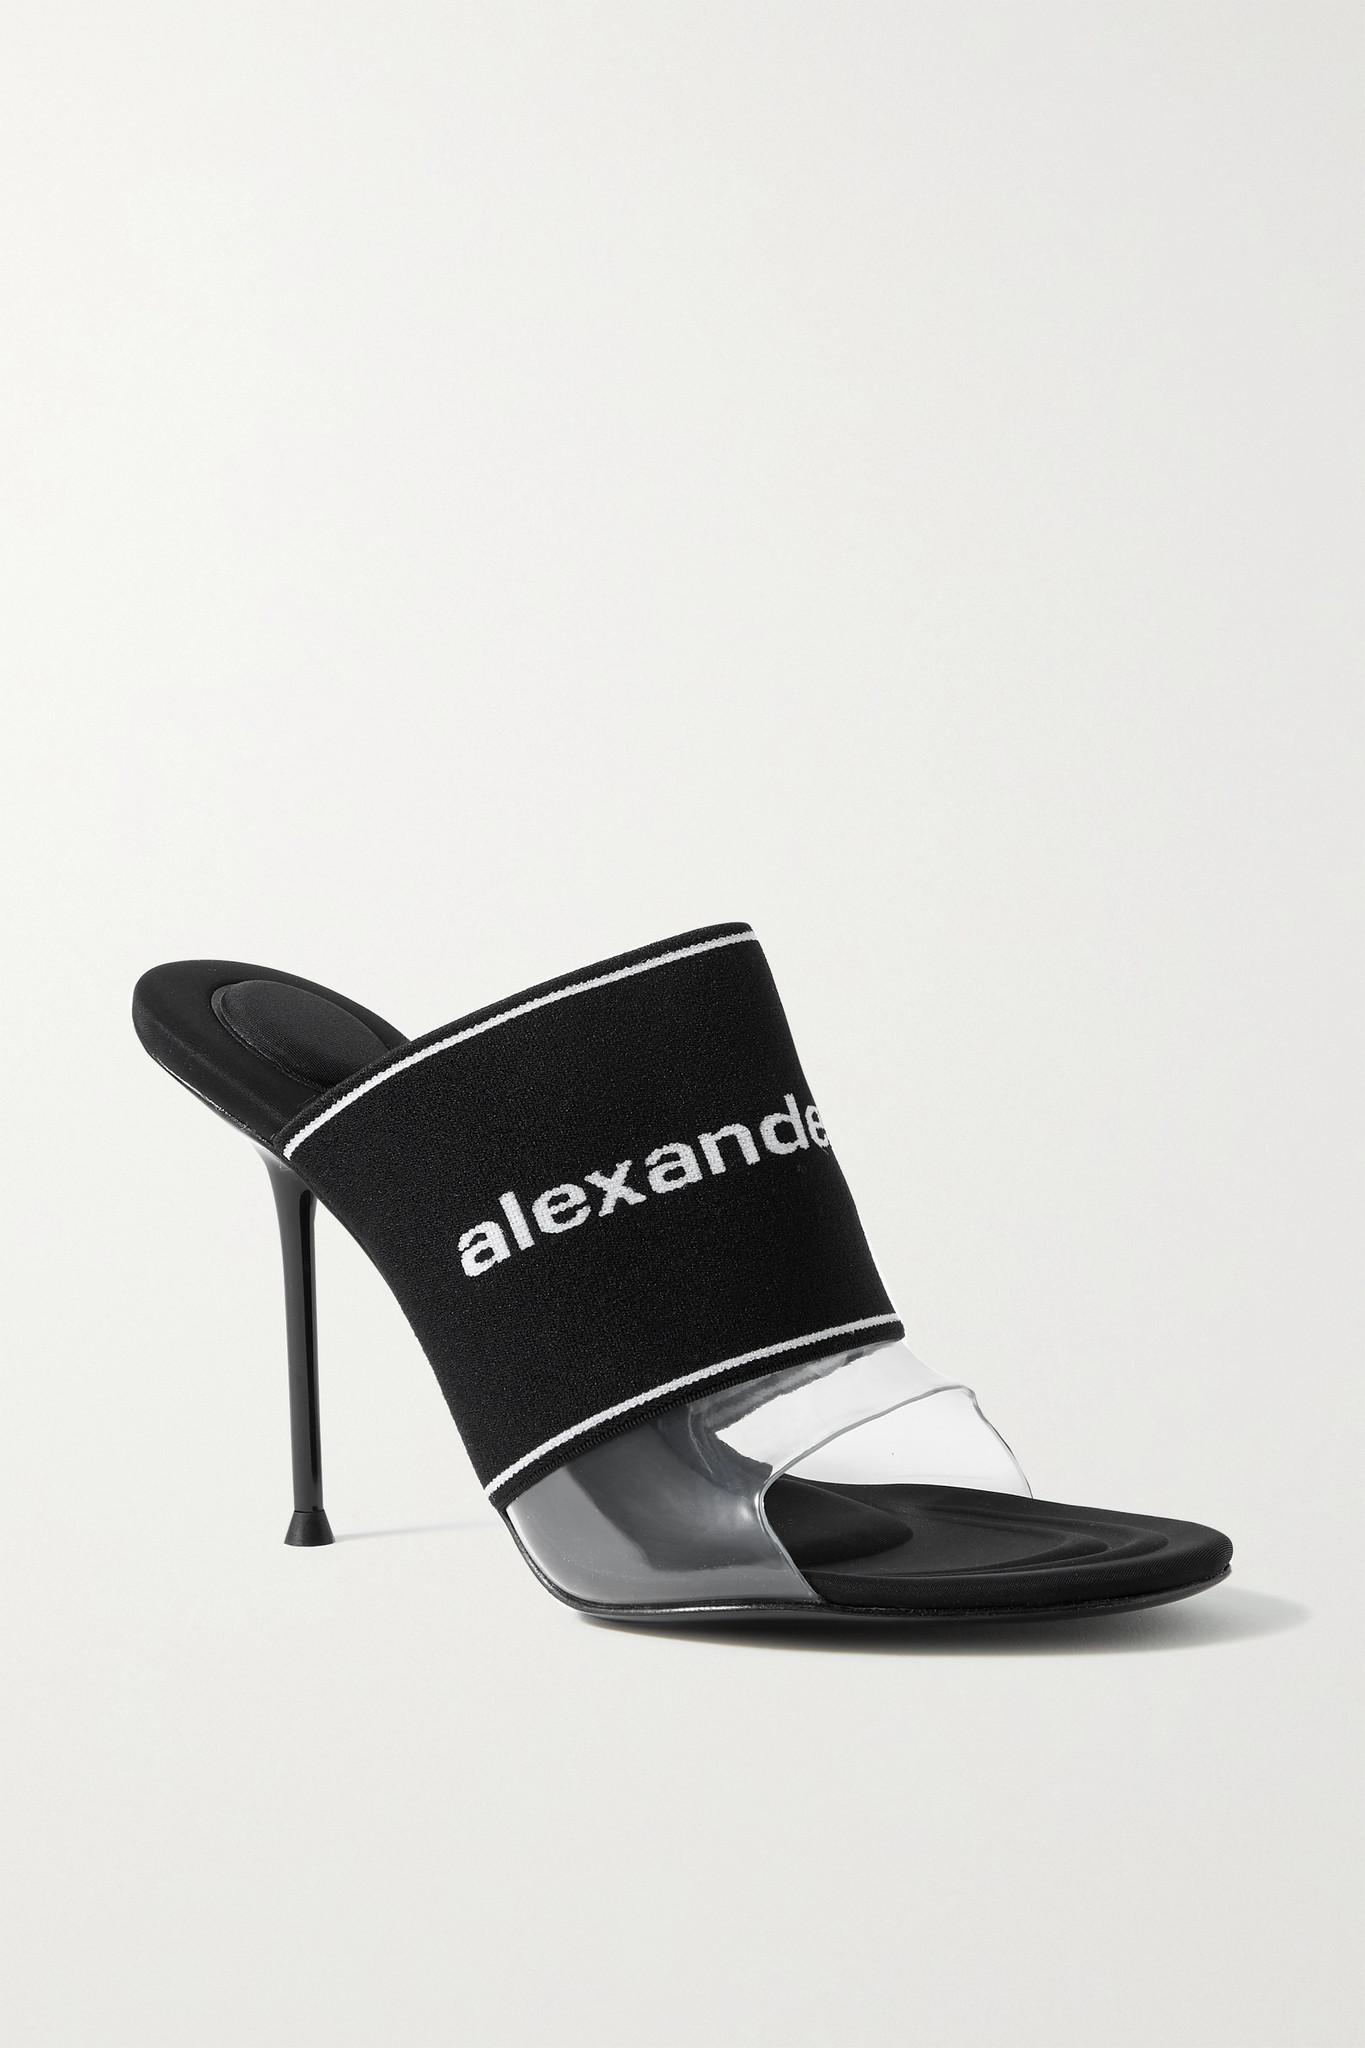 ALEXANDER WANG - Sienna 品牌标志提花弹力针织 Pvc 穆勒鞋 - 黑色 - IT39